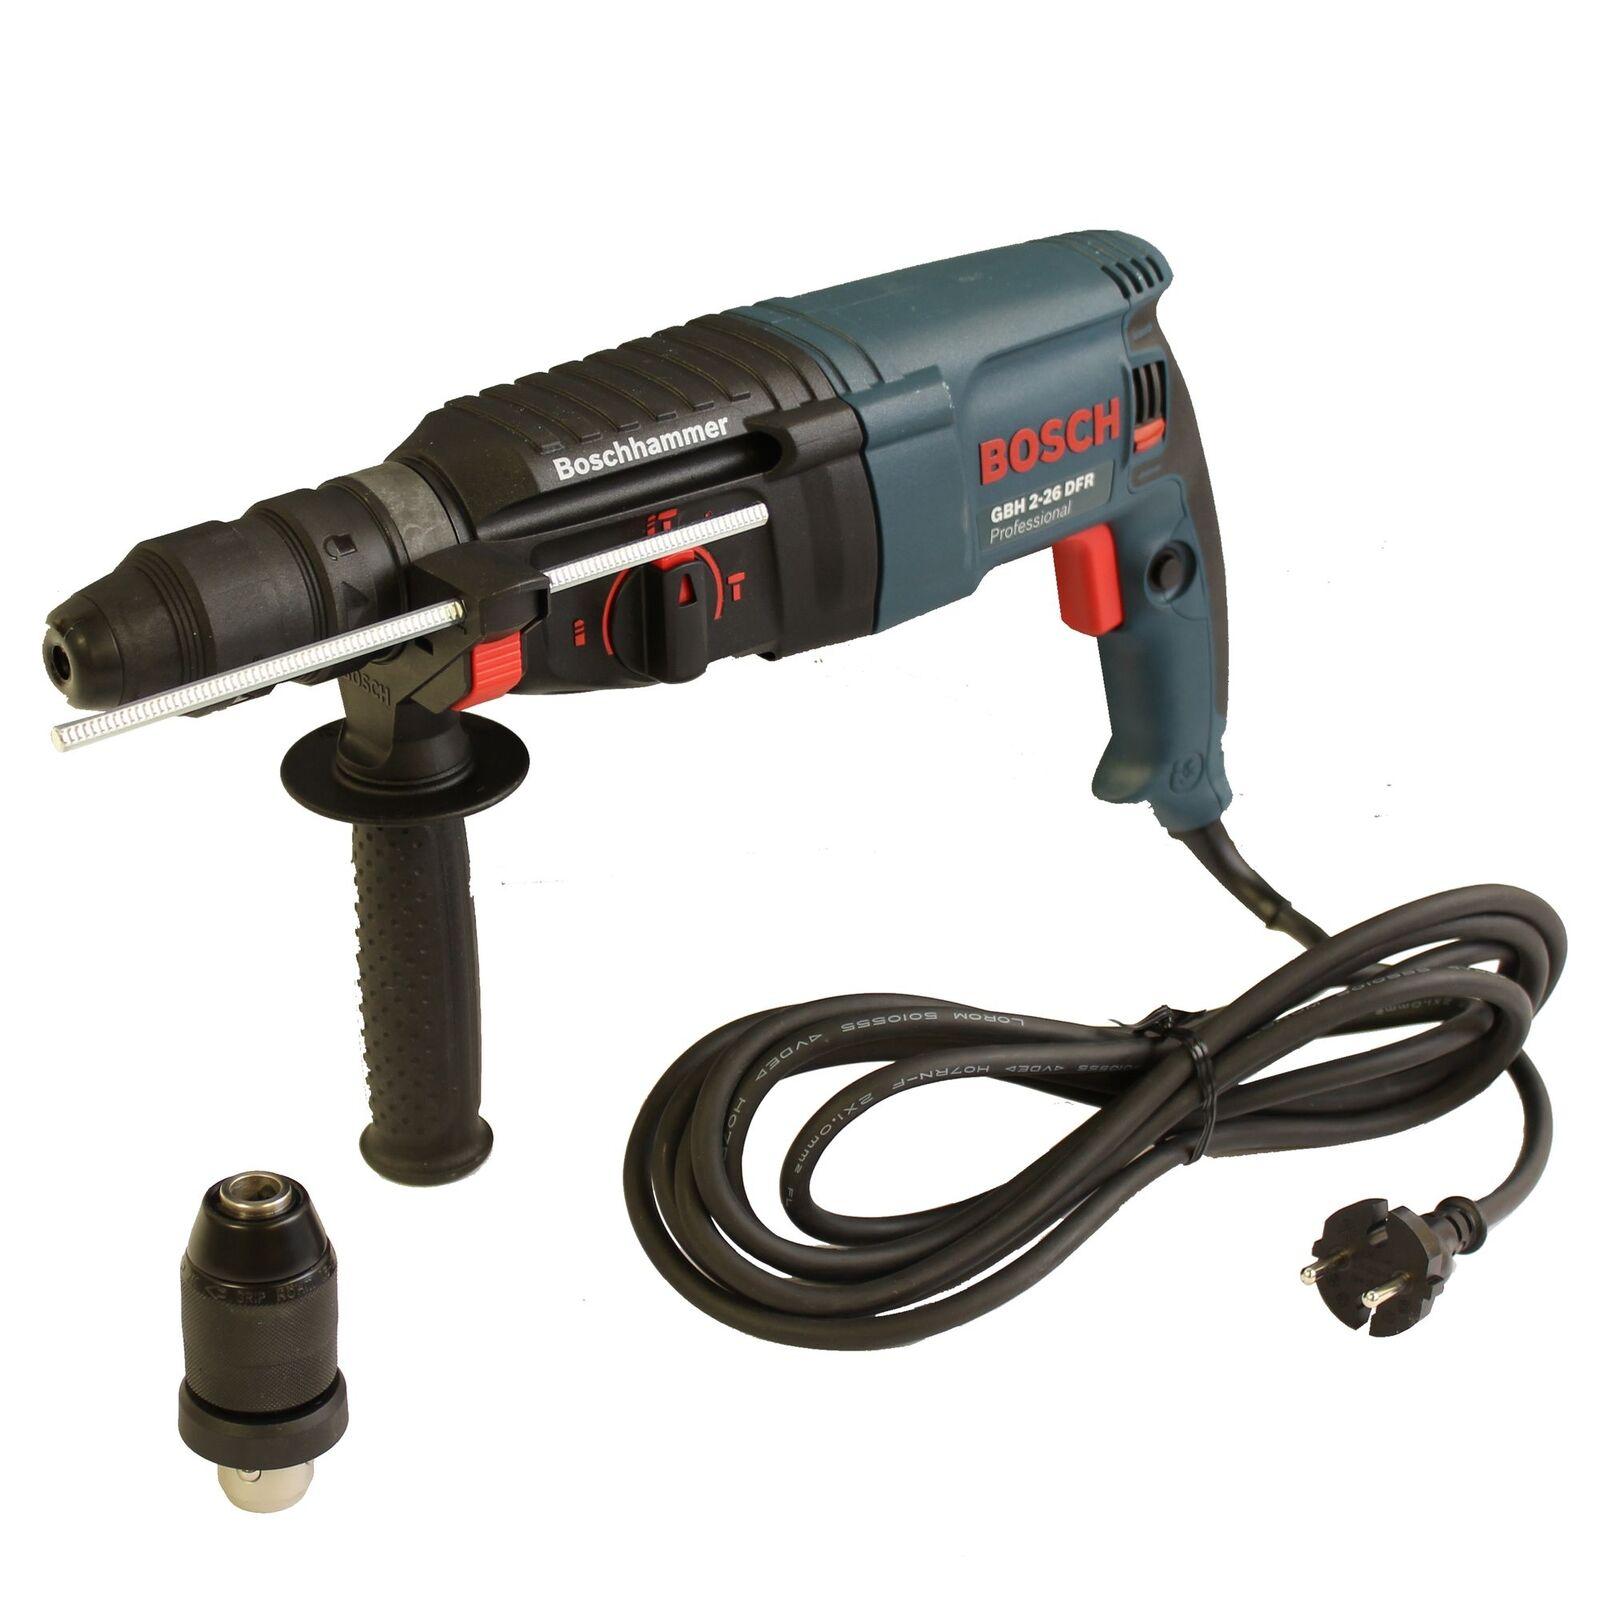 Bosch Bohrhammer GBH 2-26 DFR Professional 800W mit SDS-Plus im Handwerkerkoffer